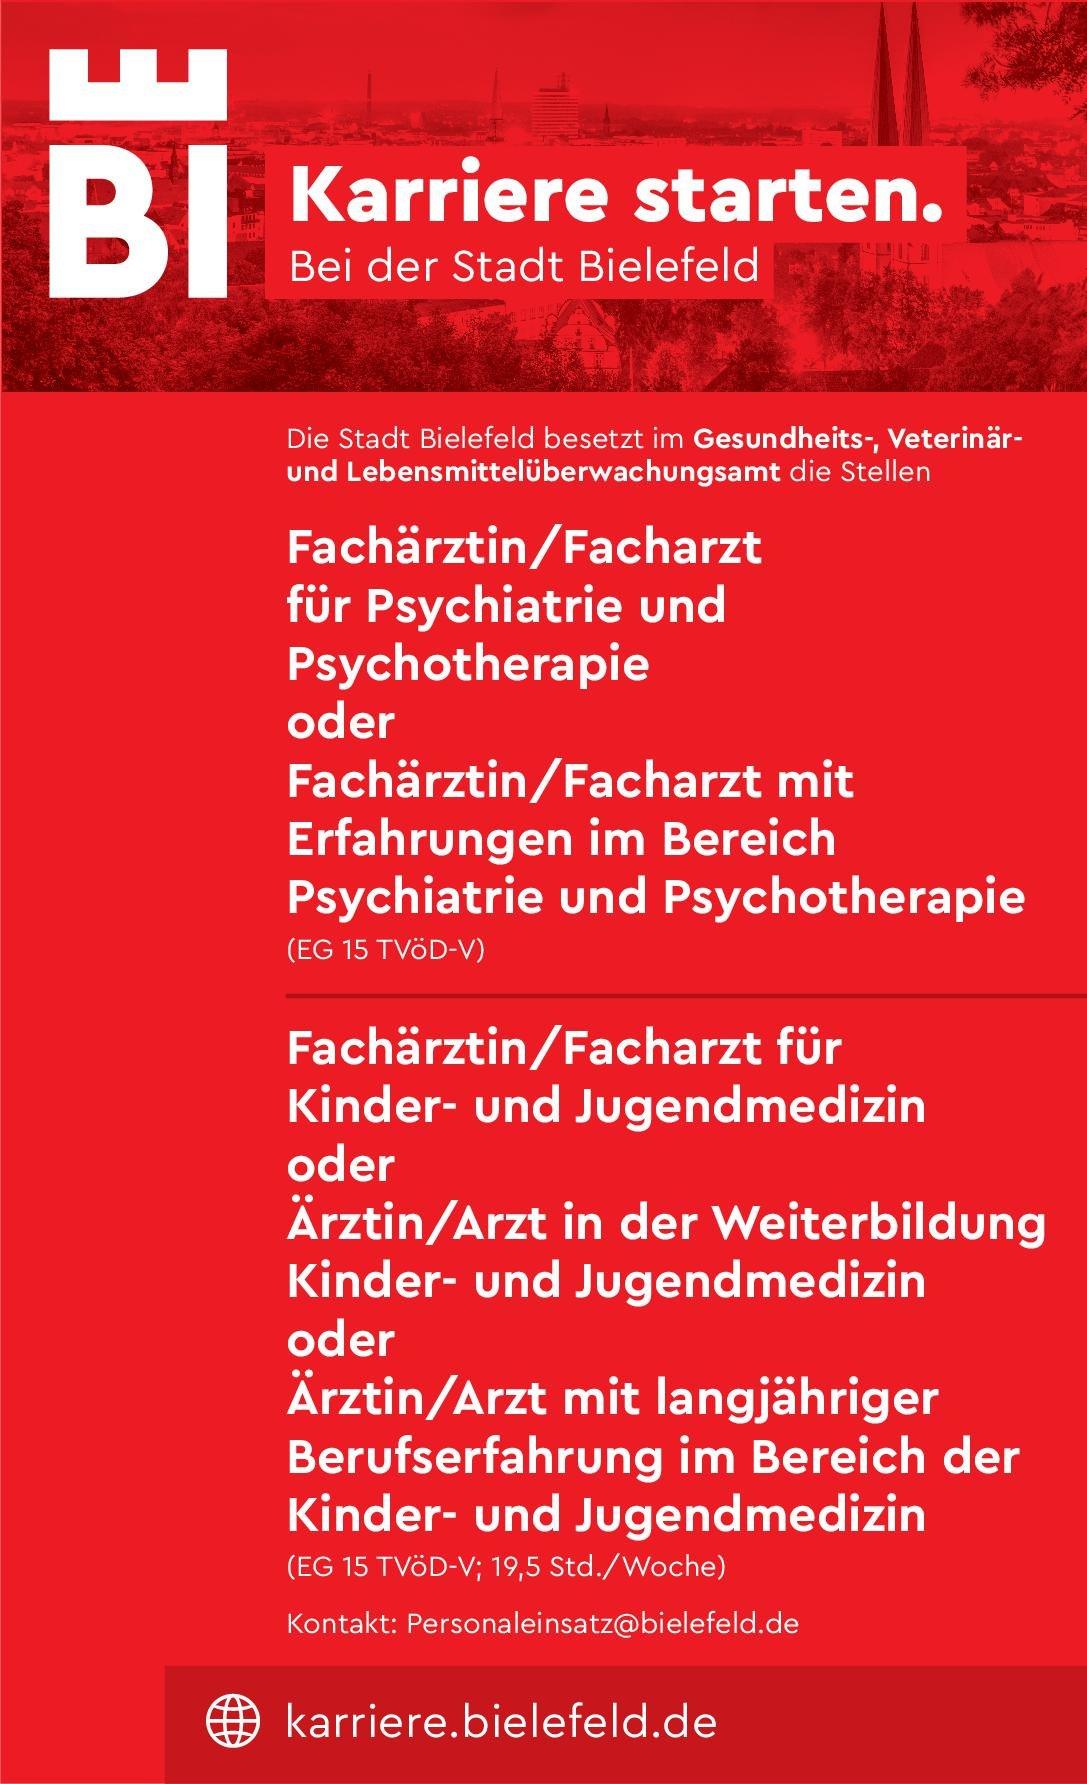 Stadt Bielefeld Fachärztin/Facharzt für Psychiatrie und Psychotherapie oder Fachärztin/Facharzt mit Erfahrungen im Bereich Psychiatrie und Psychotherapie  Psychiatrie und Psychotherapie, Psychiatrie und Psychotherapie Arzt / Facharzt